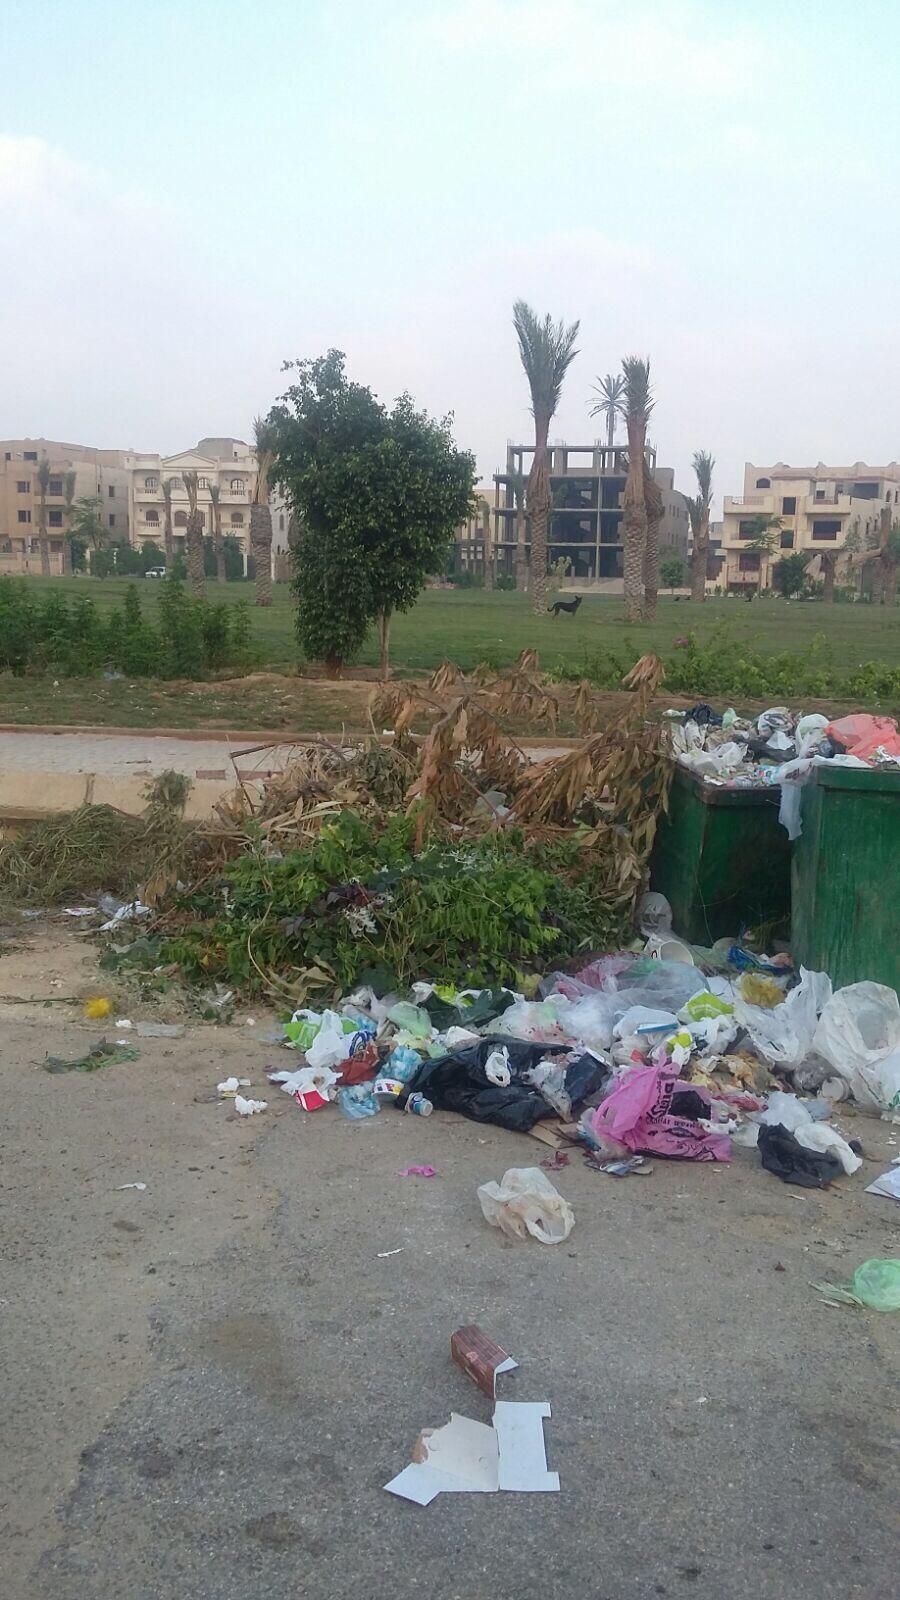 صور.. تفاقم أزمة القمامة بالتجمع الأول في القاهرة الجديدة